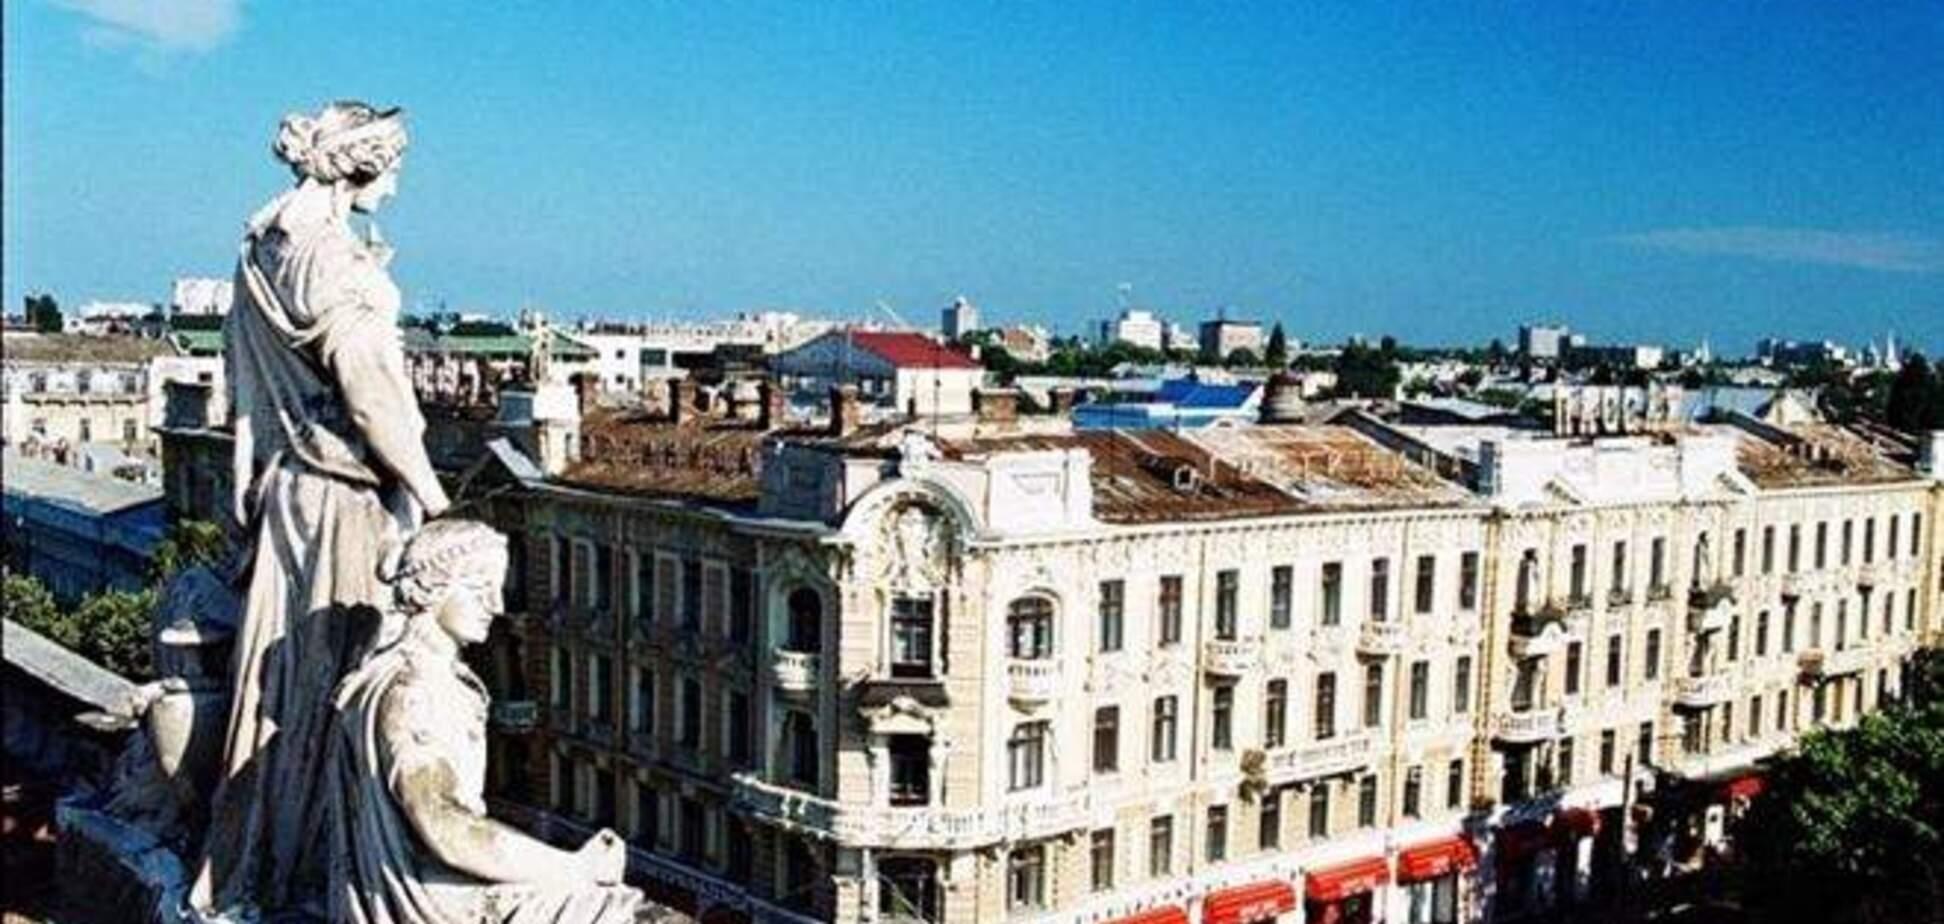 Строительство арены 'Евробаскет' в Одессе остановлено из-за денег